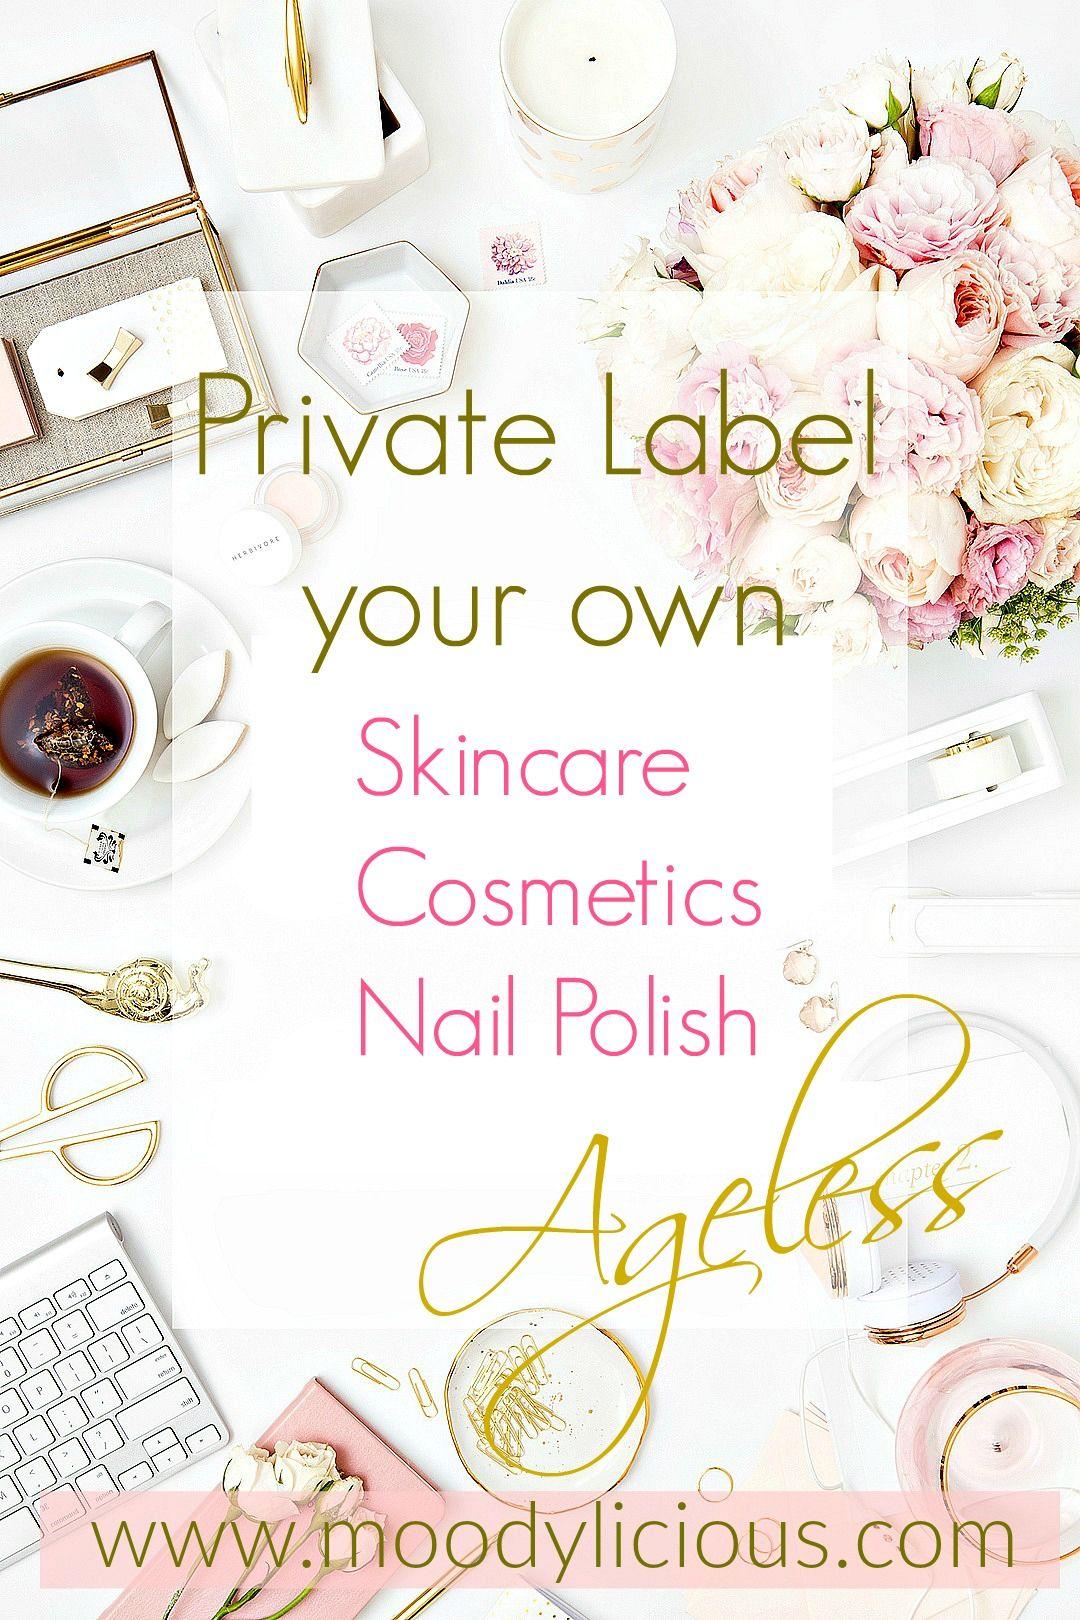 Millennials Create Your Own Beauty Business